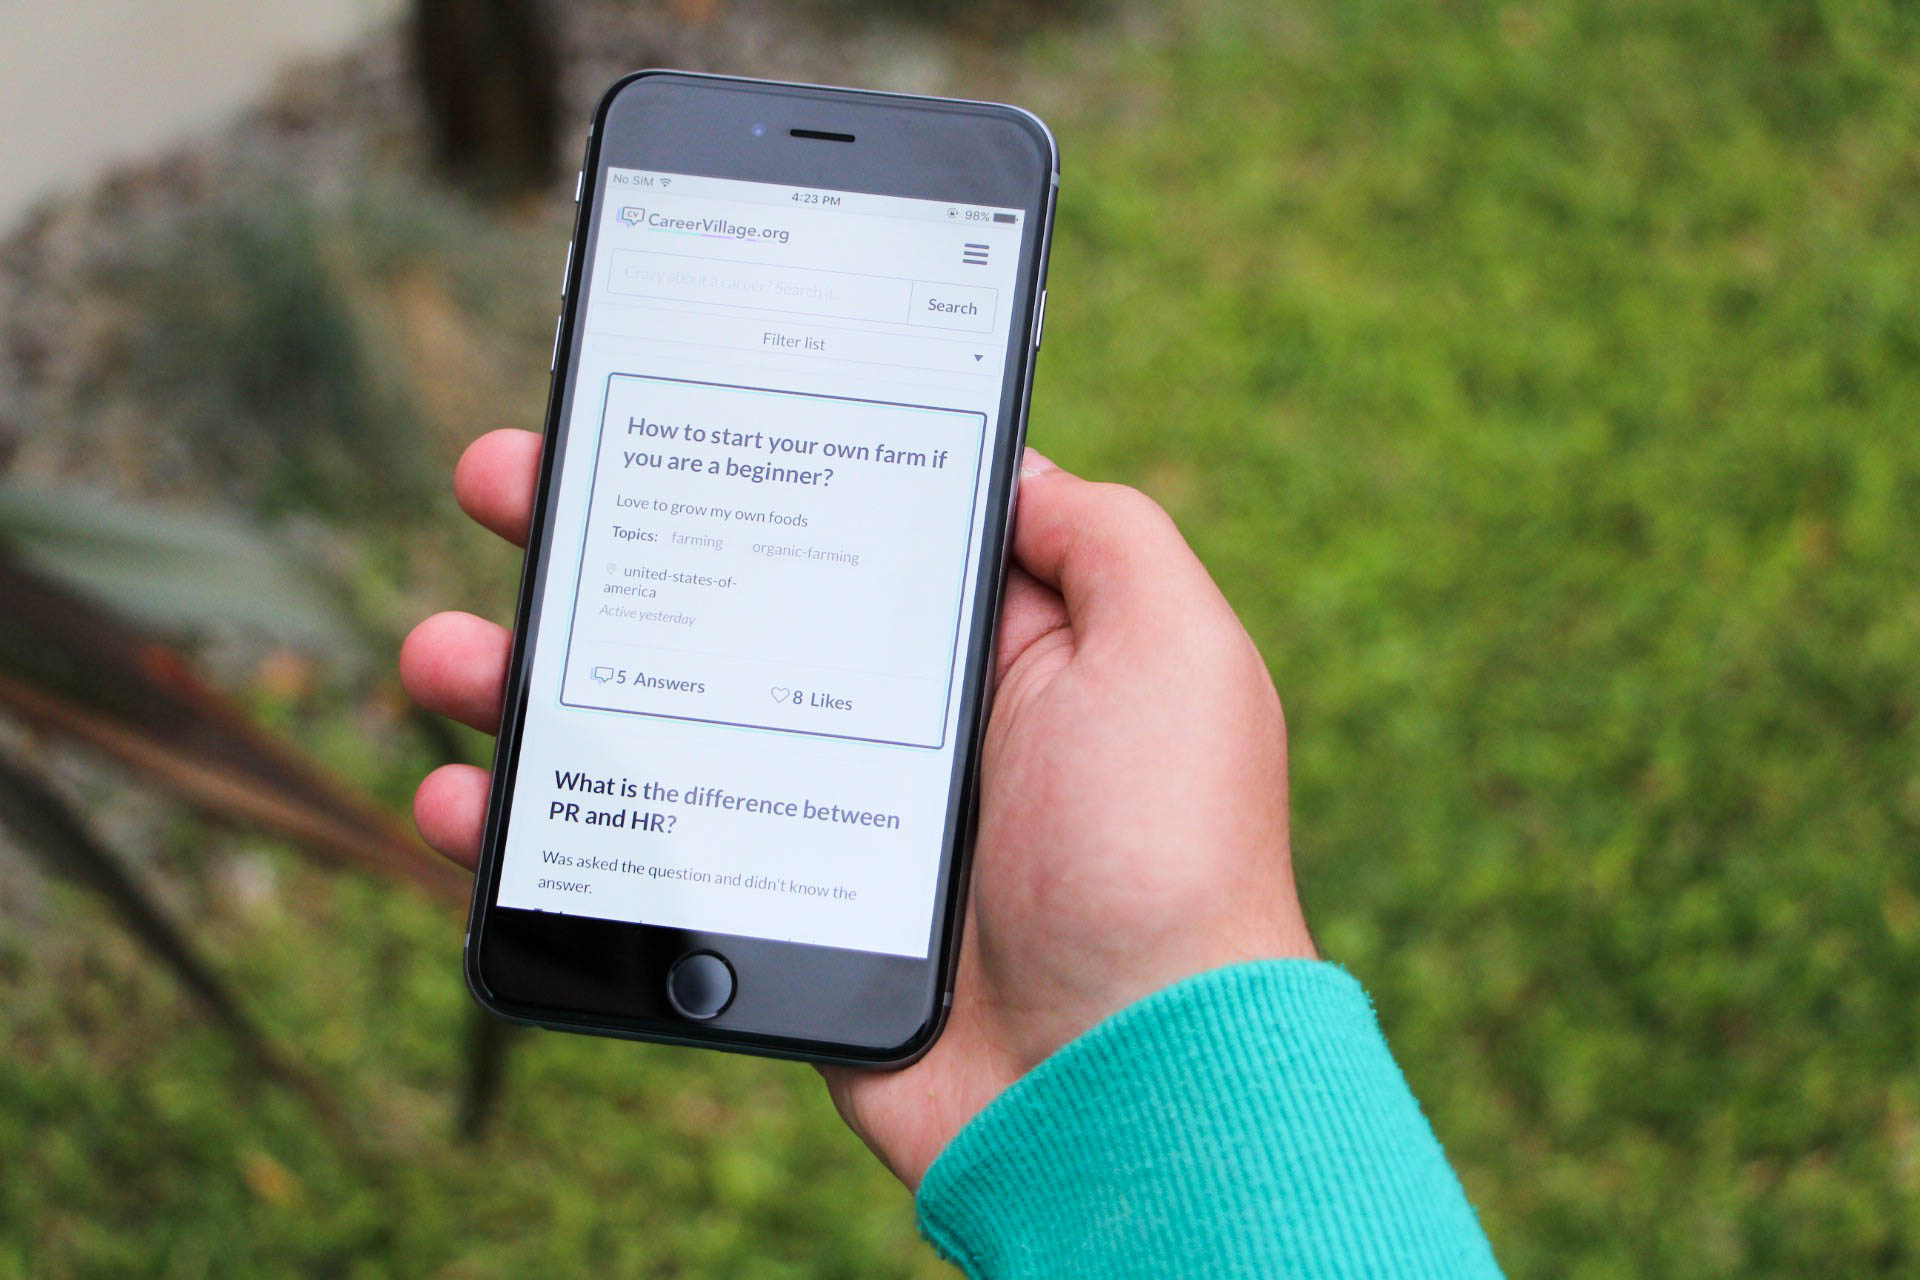 CareerVillage mobile sreenshot